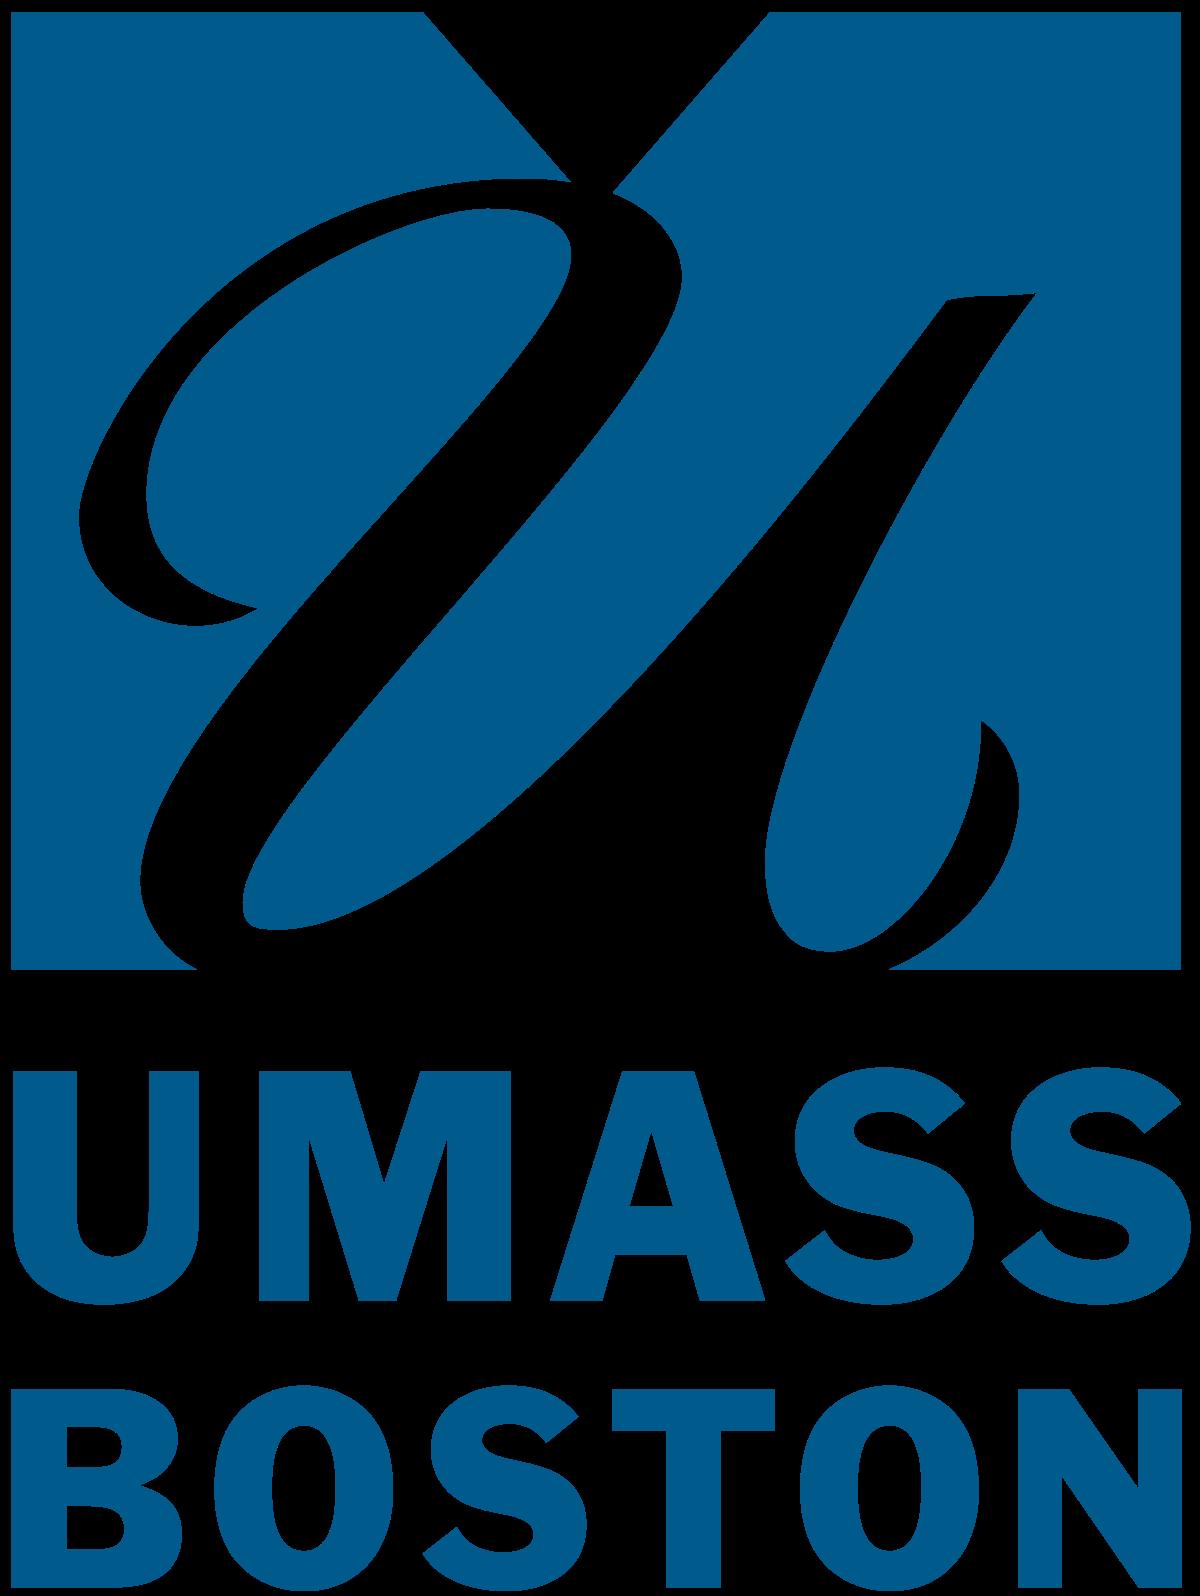 File:University of Massachusetts Boston logo.svg.